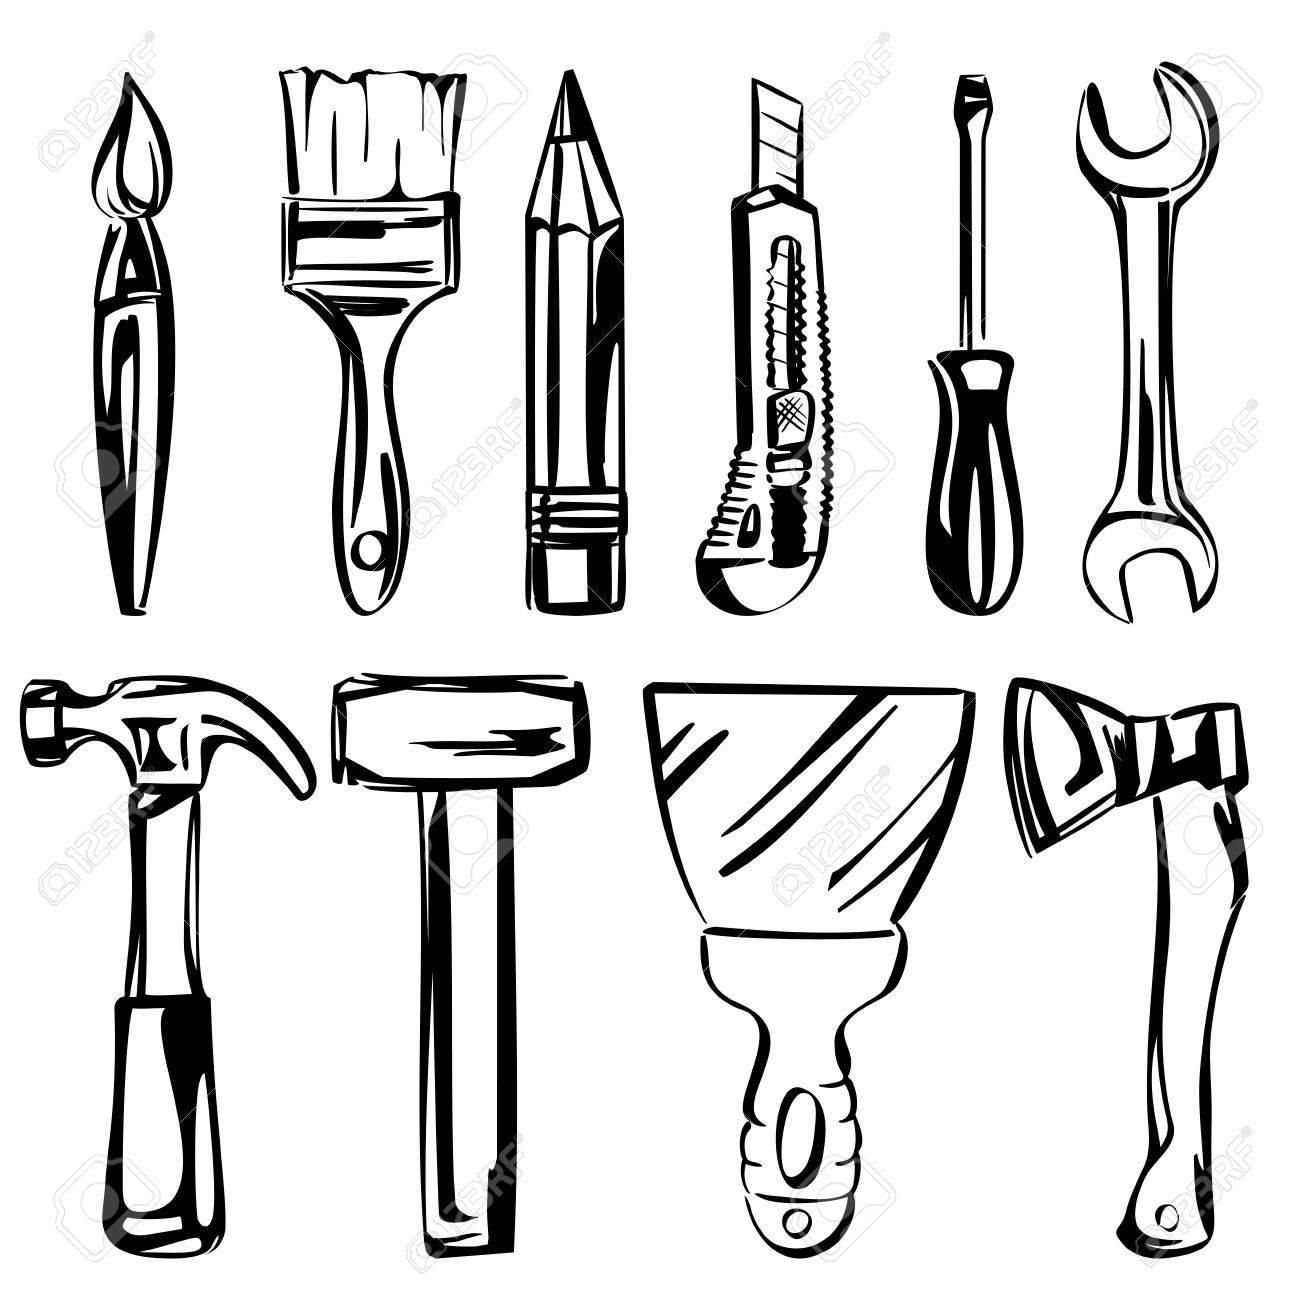 tools vector set Stock Vector - 18244401